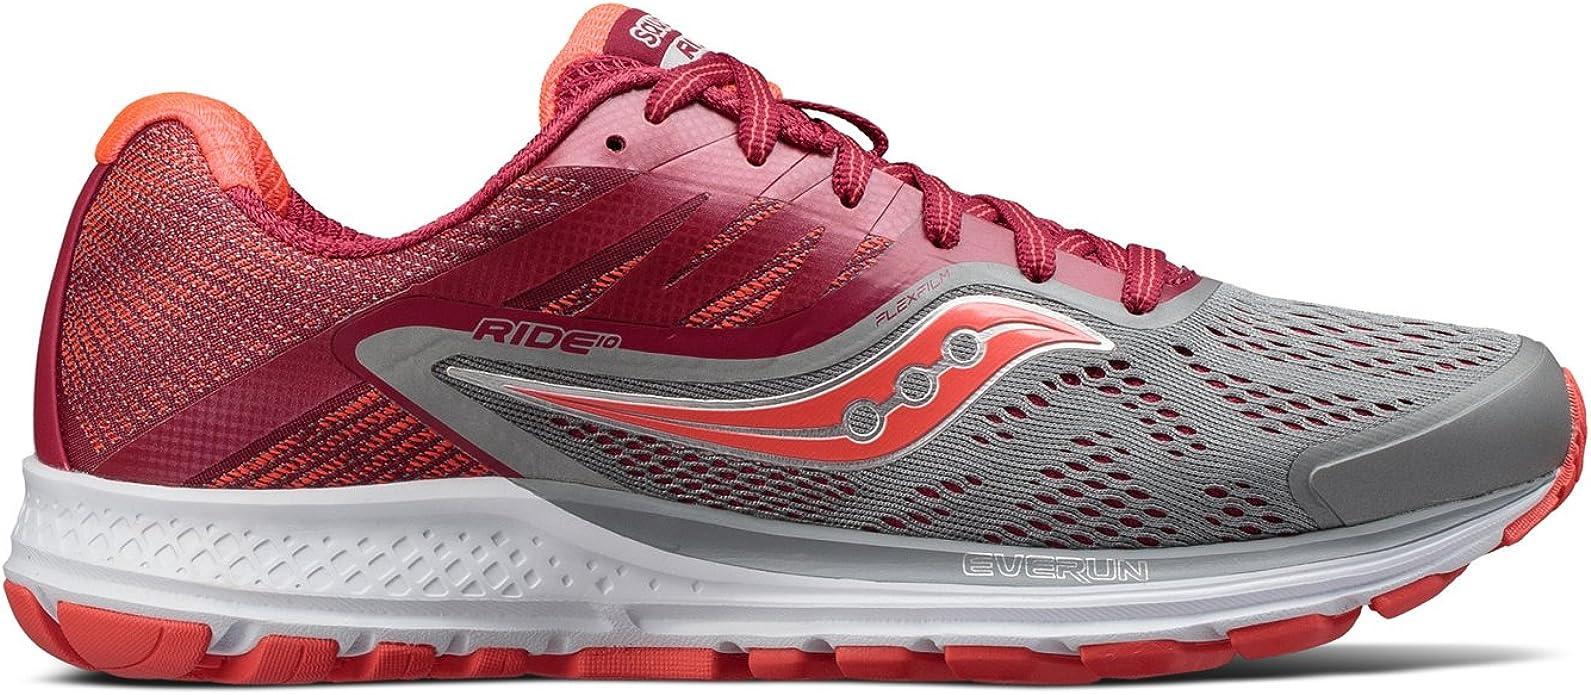 zapatillas saucony para correr mujer precio india